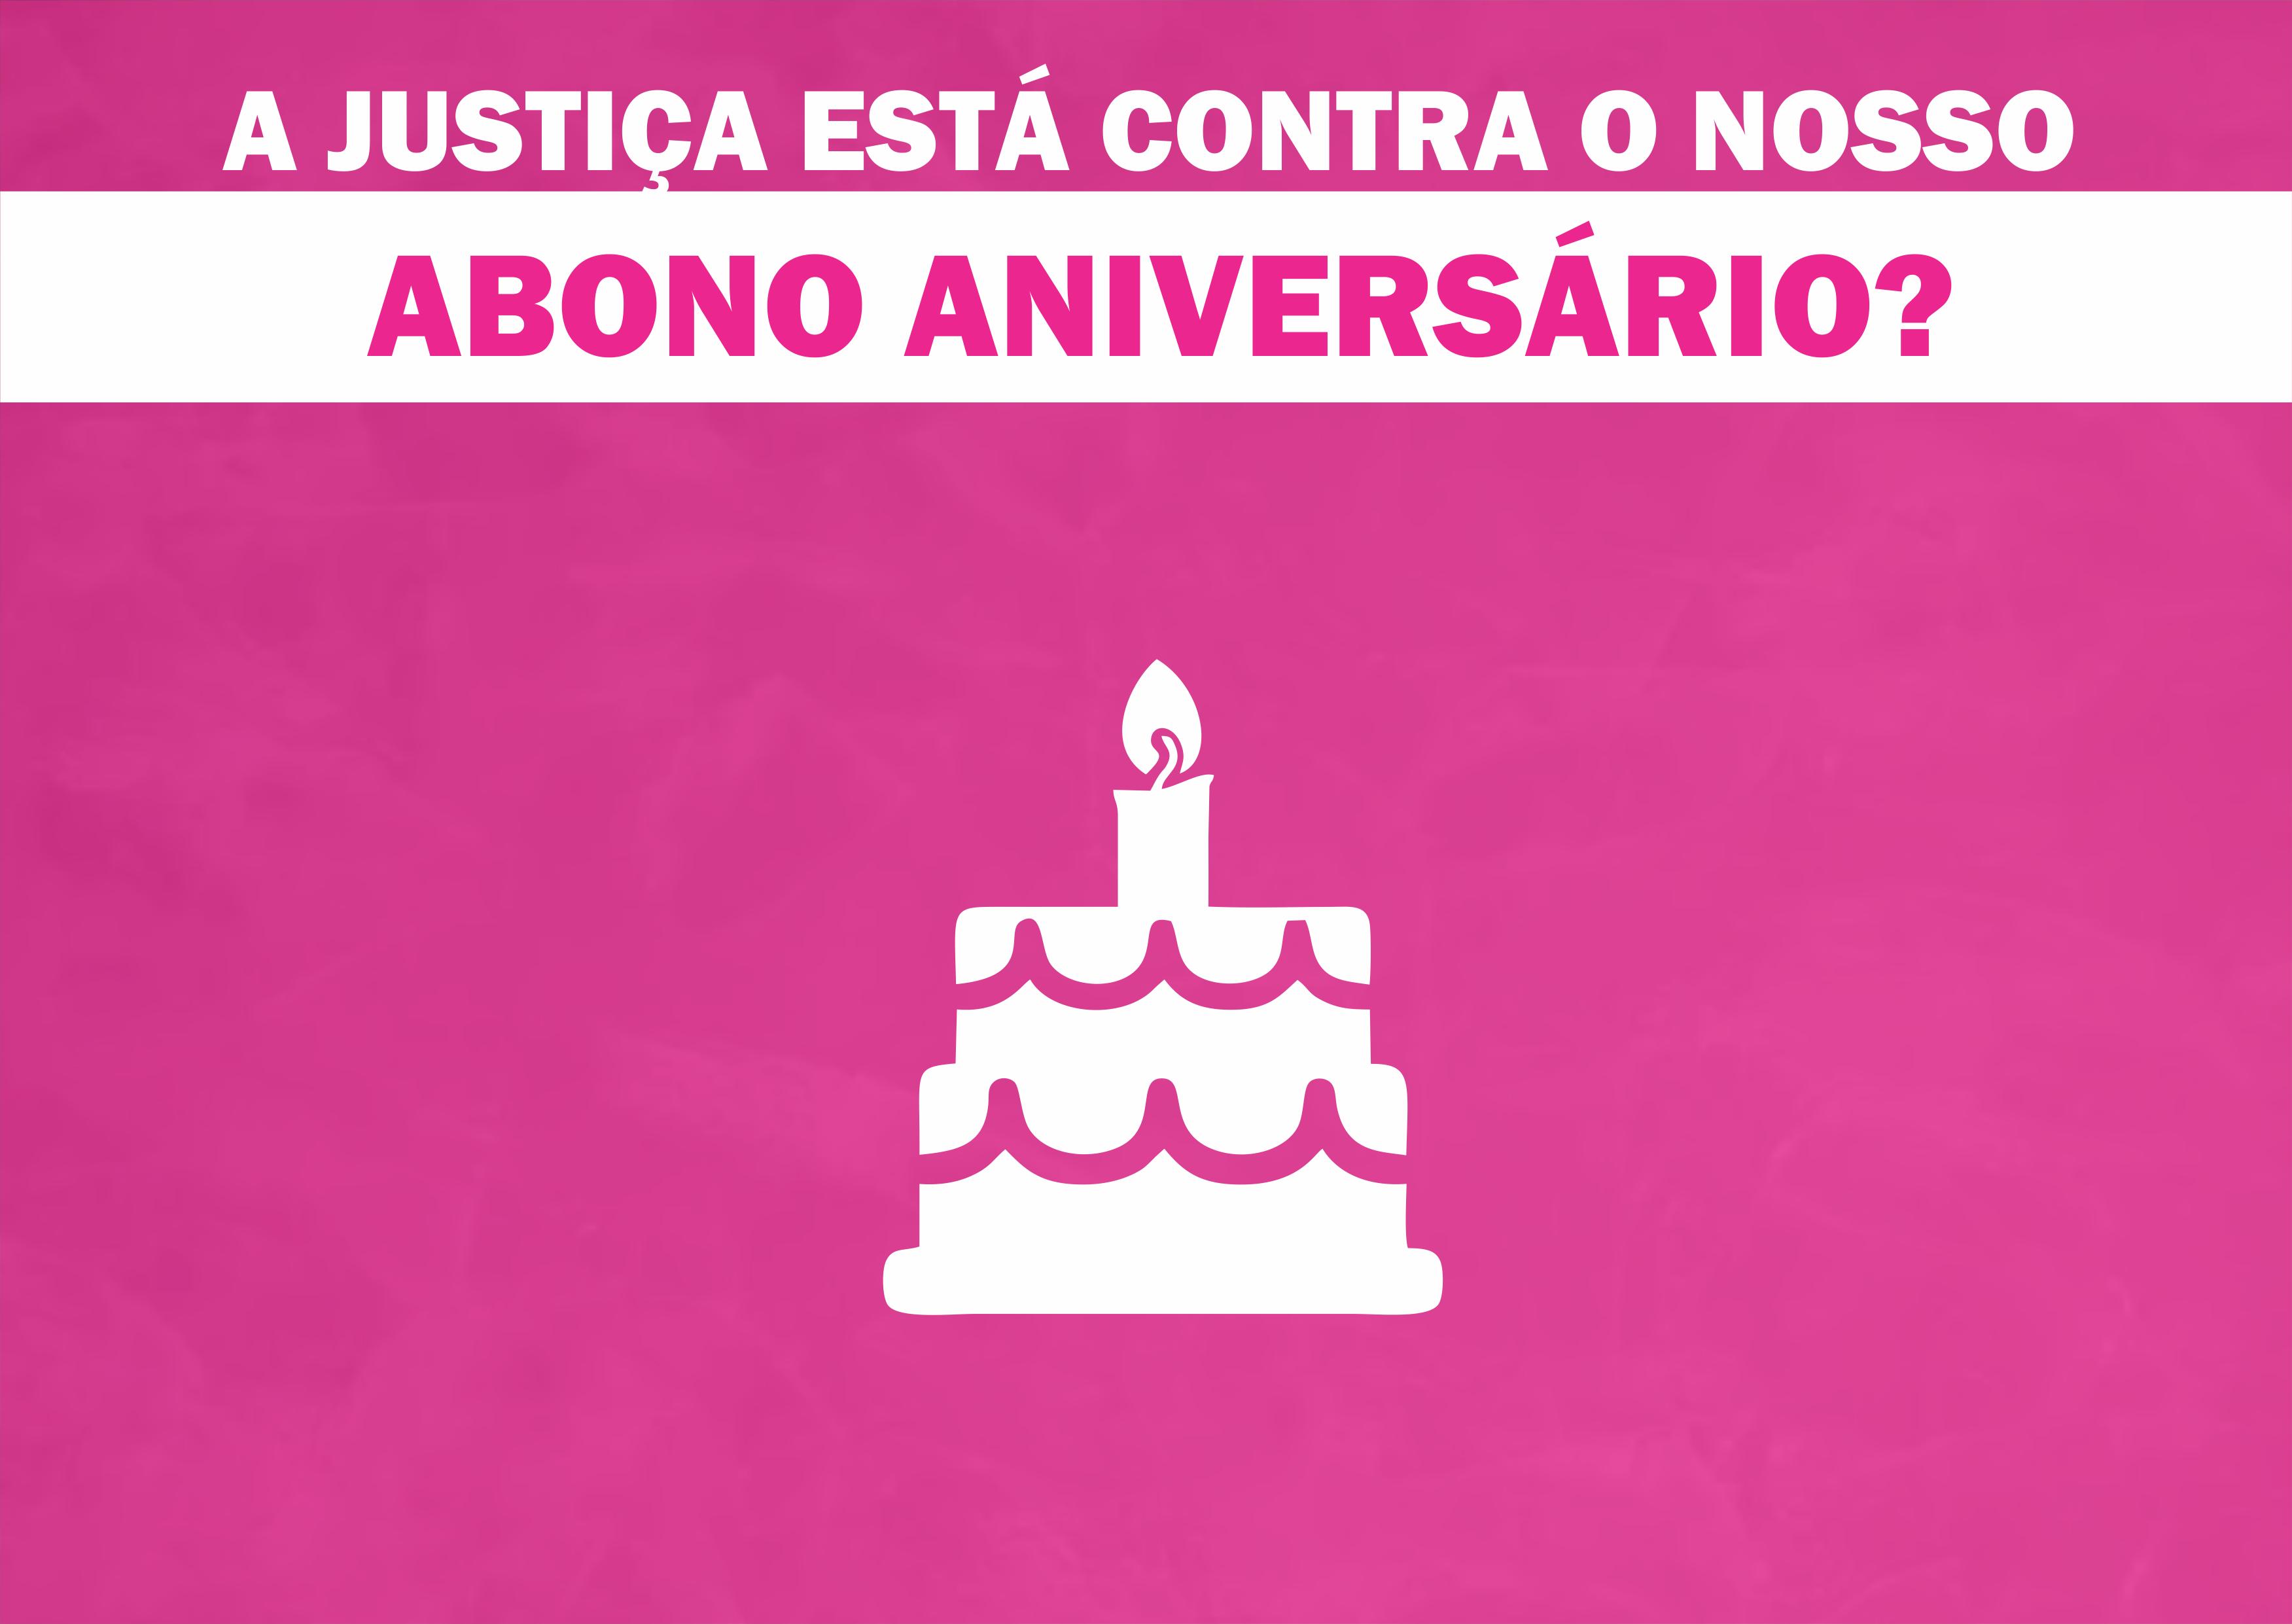 Tribunal de Justiça do estado julga Abono Aniversário inconstitucional